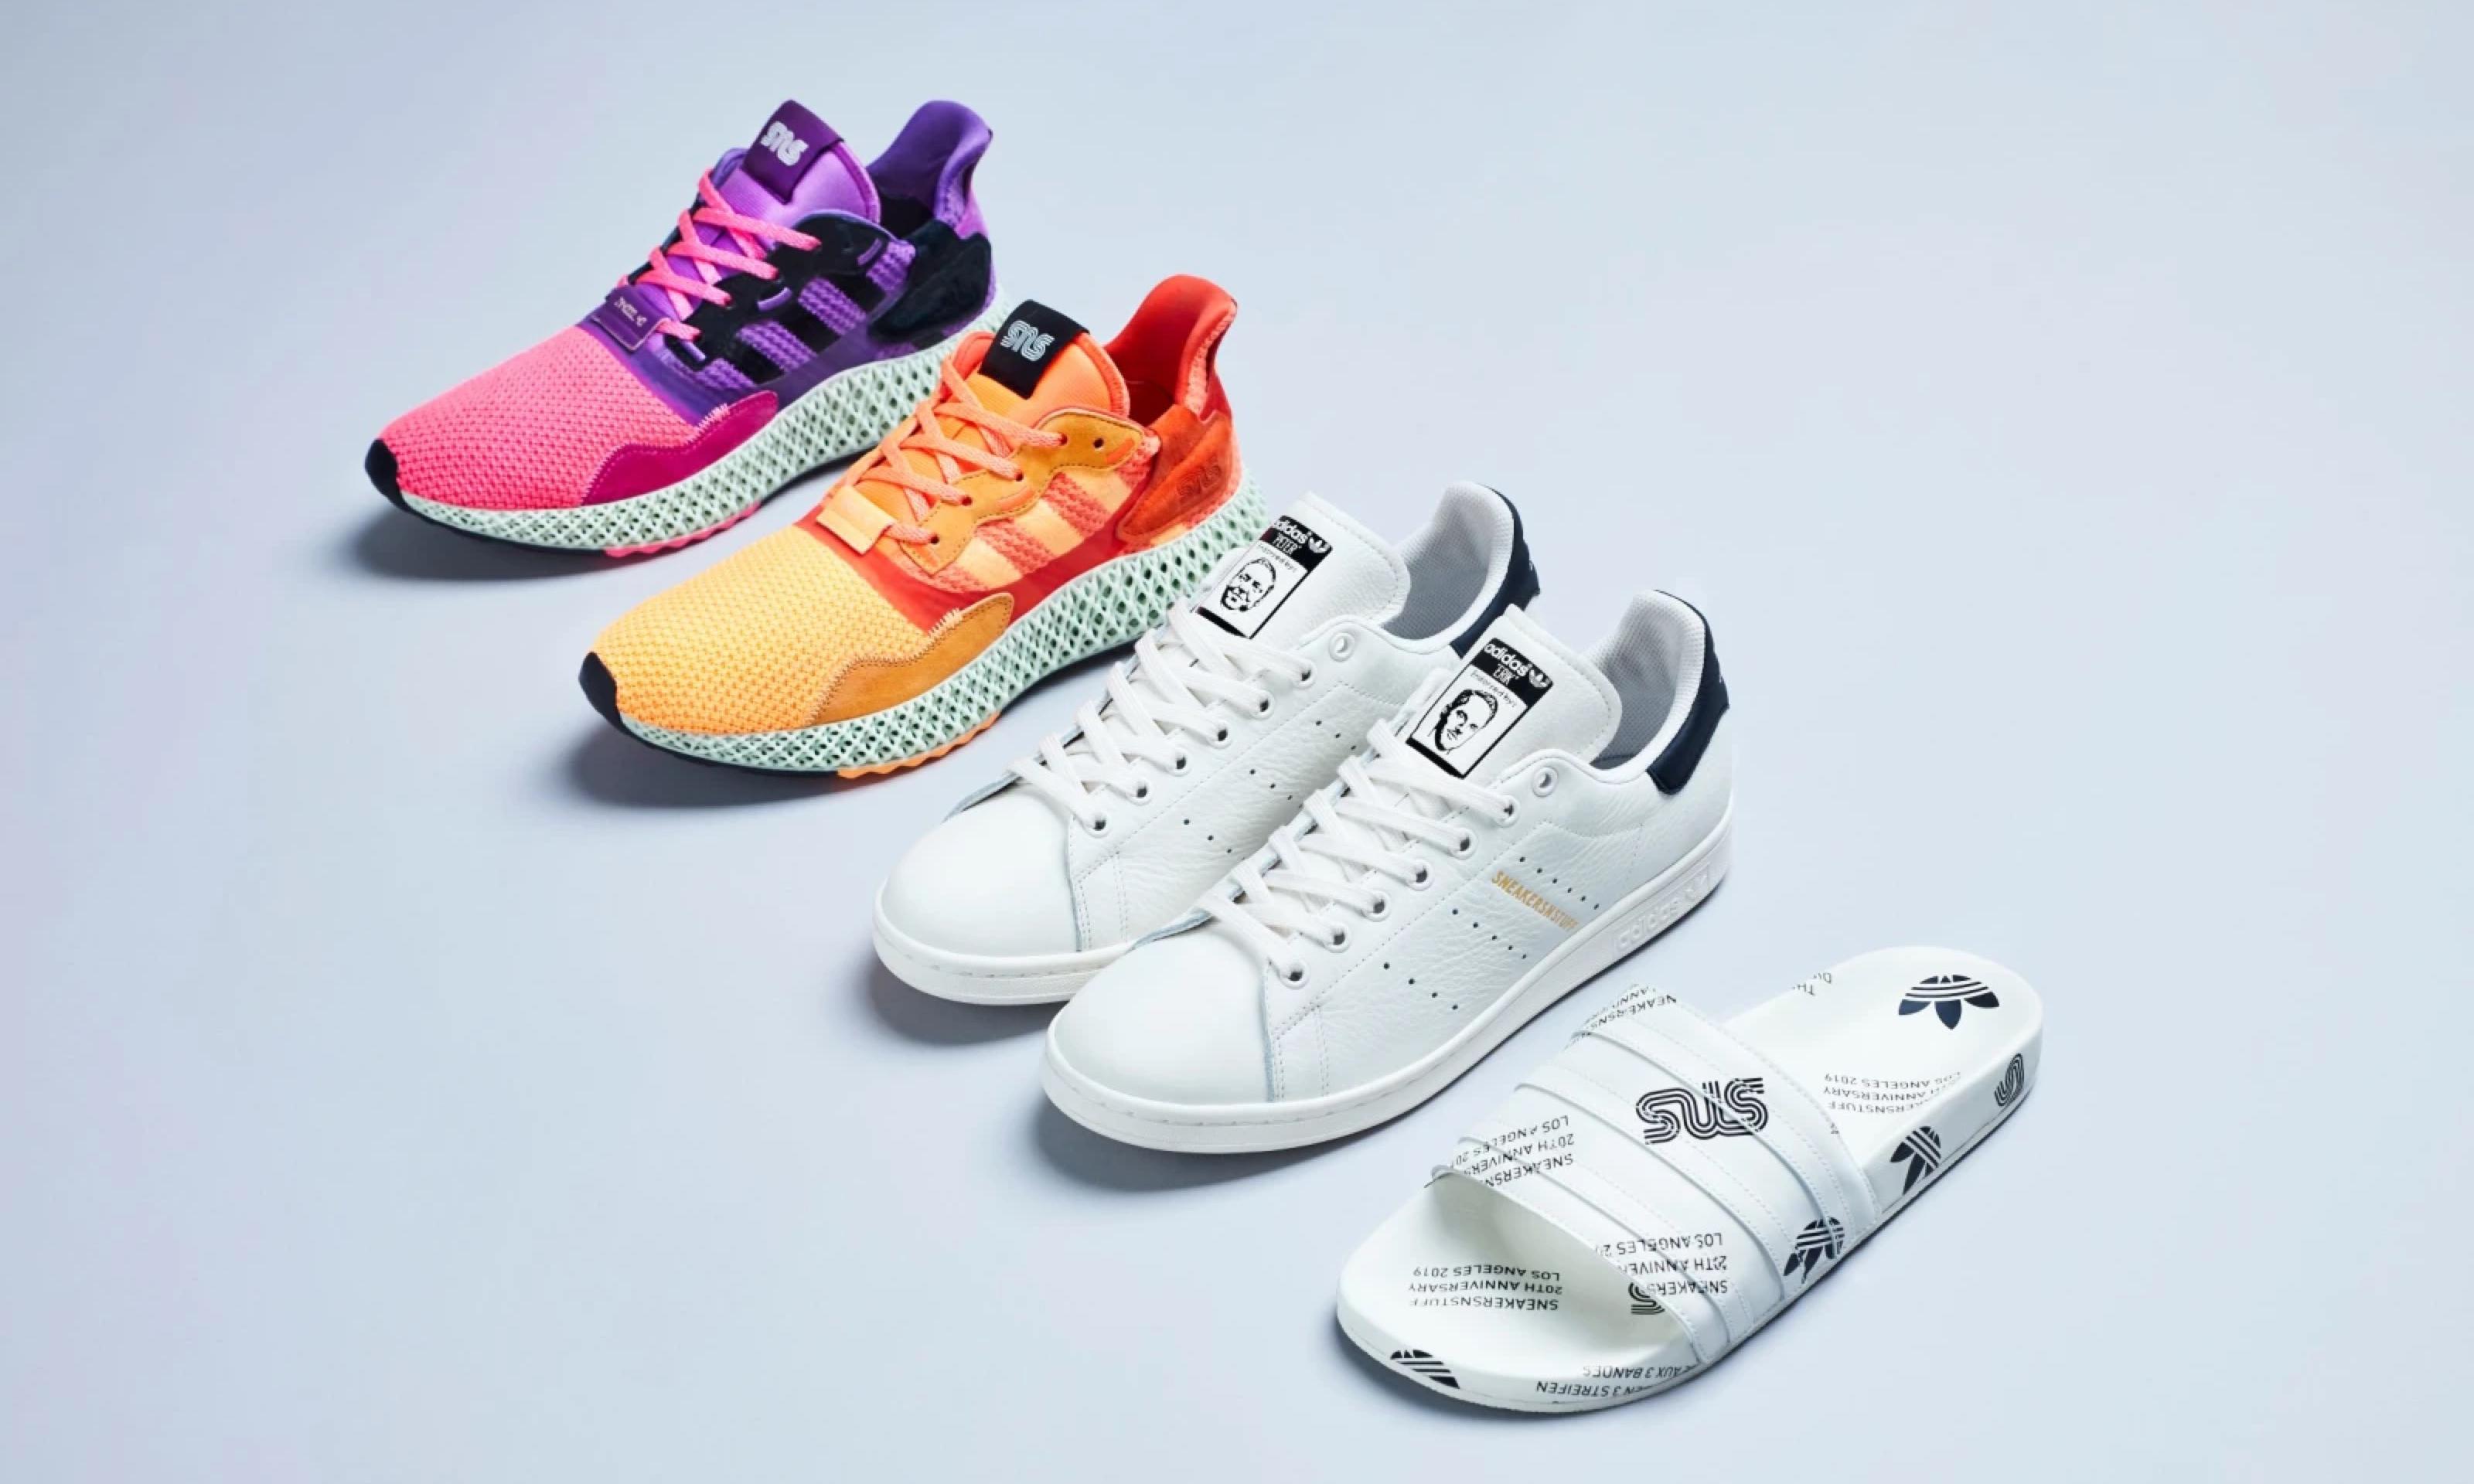 20 周年献礼,Sneakersnstuff x adidas Consortium 联名系列释出